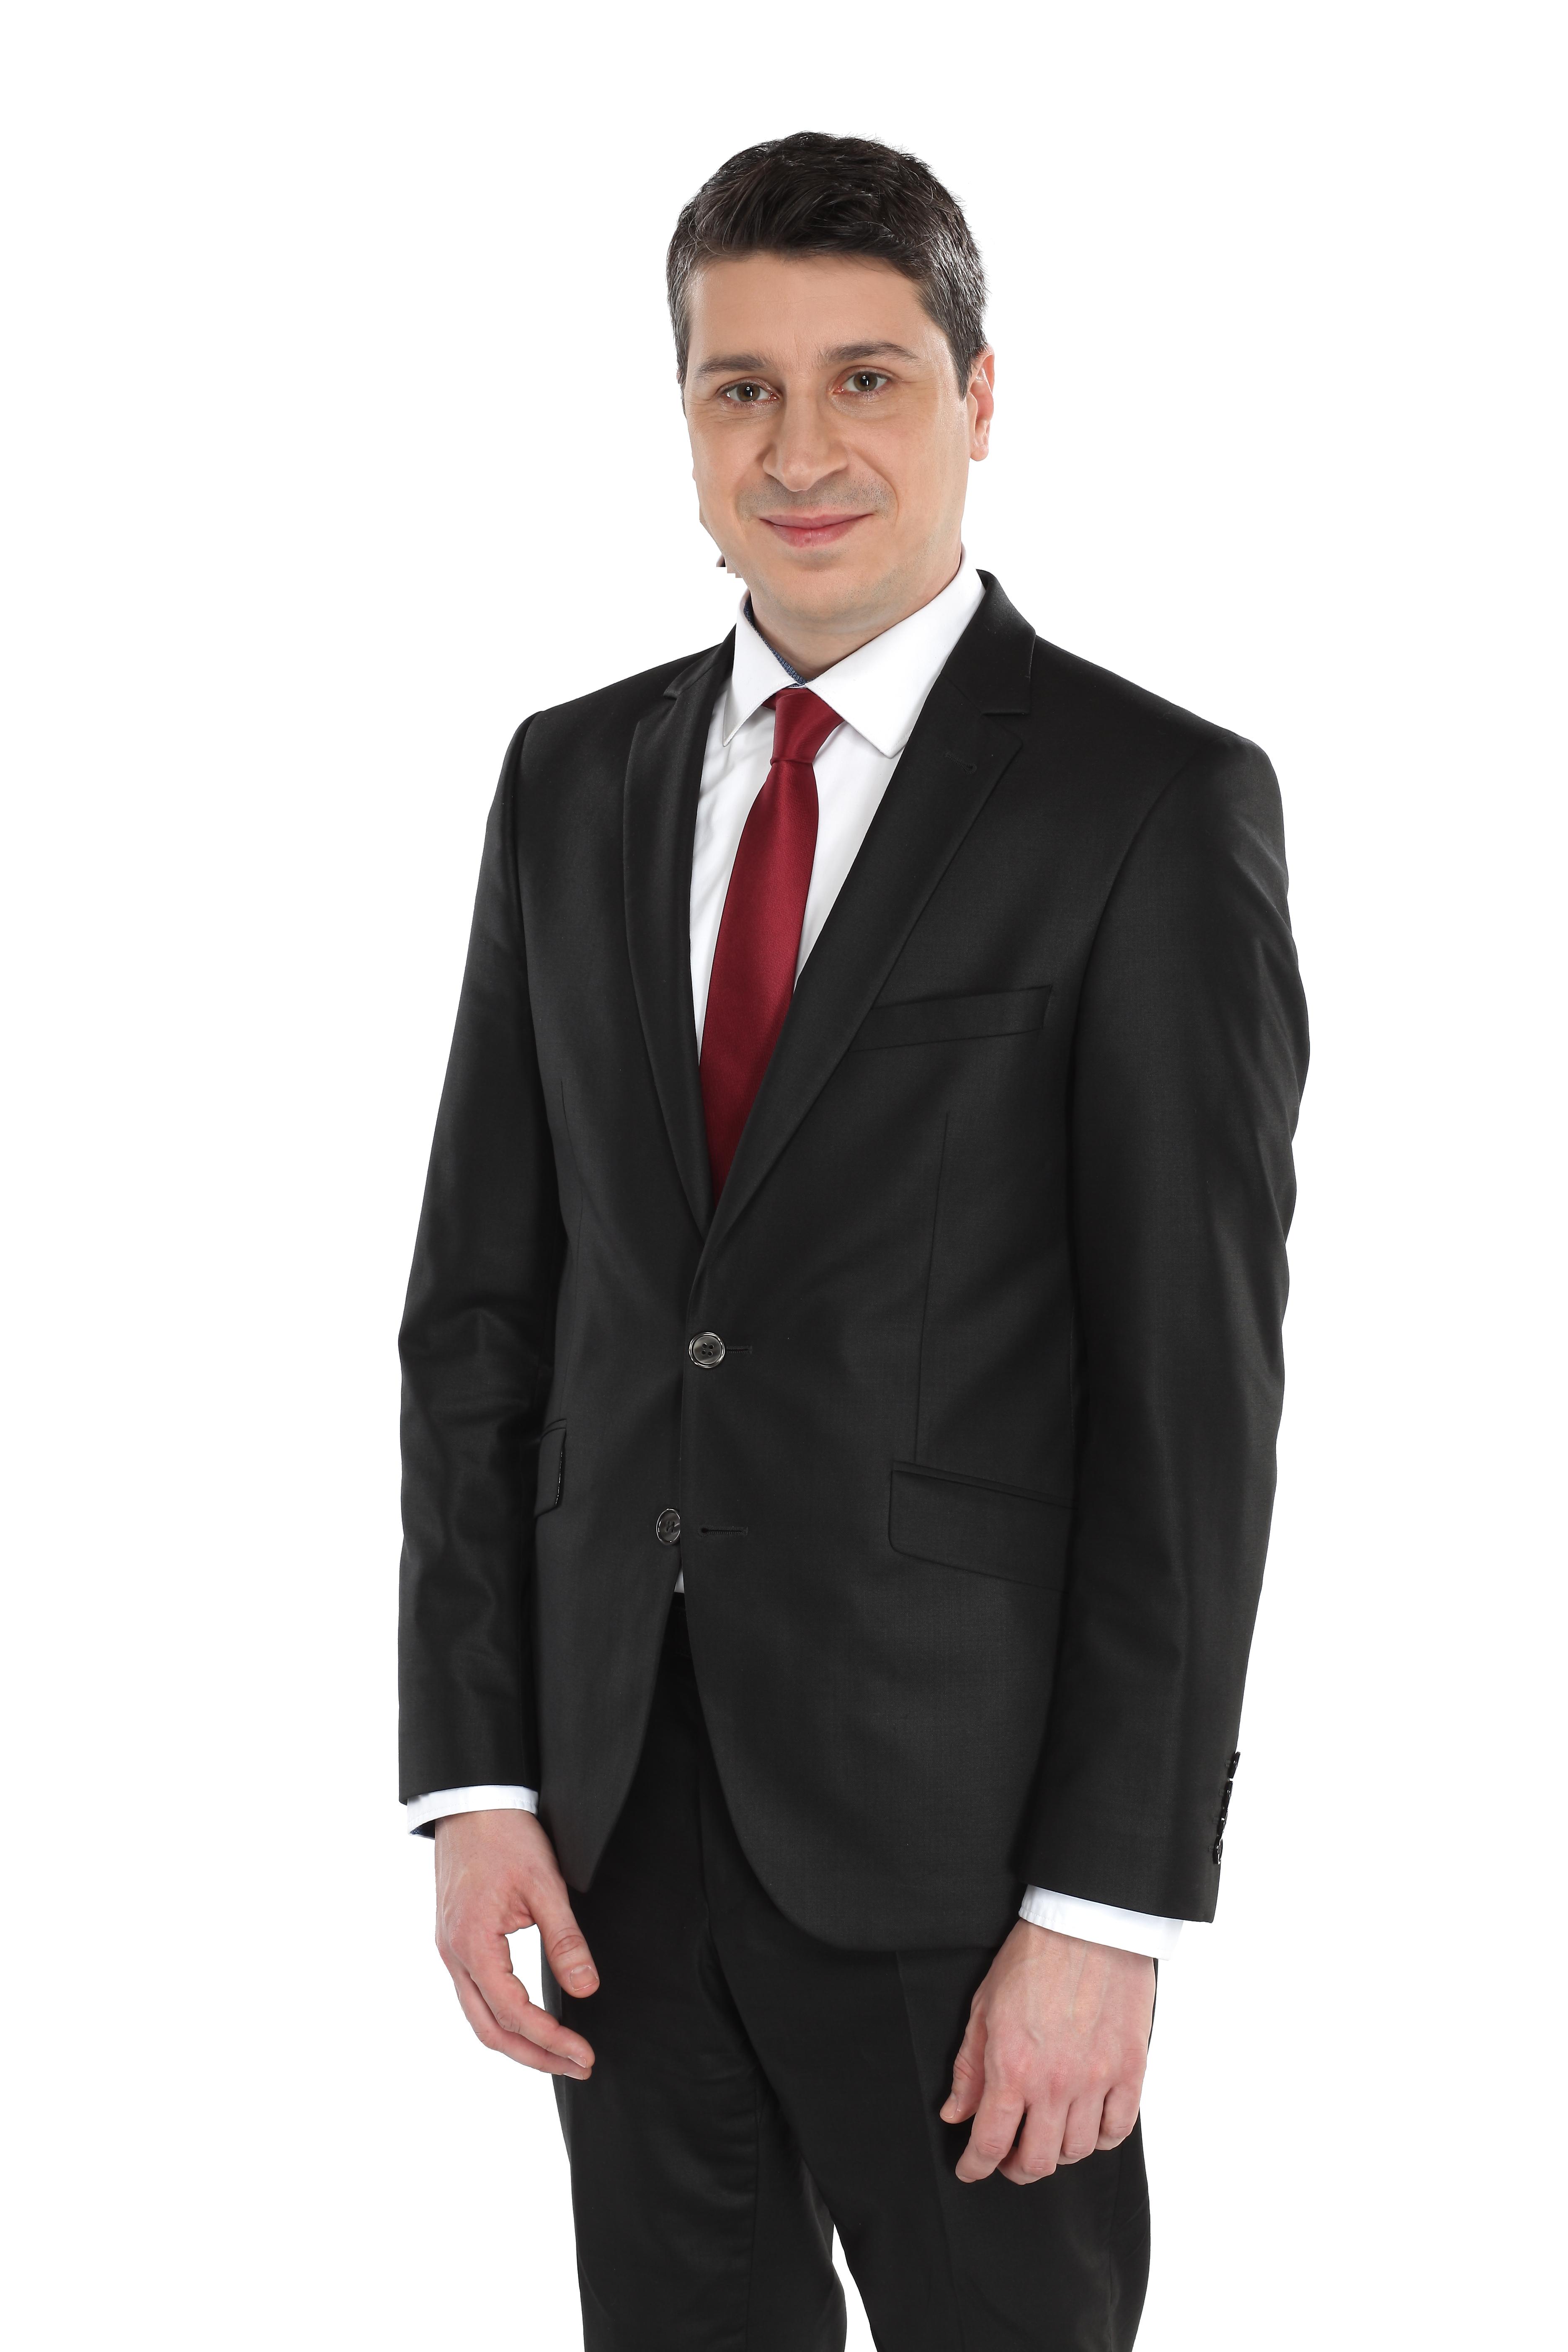 Dr. Lukács László György